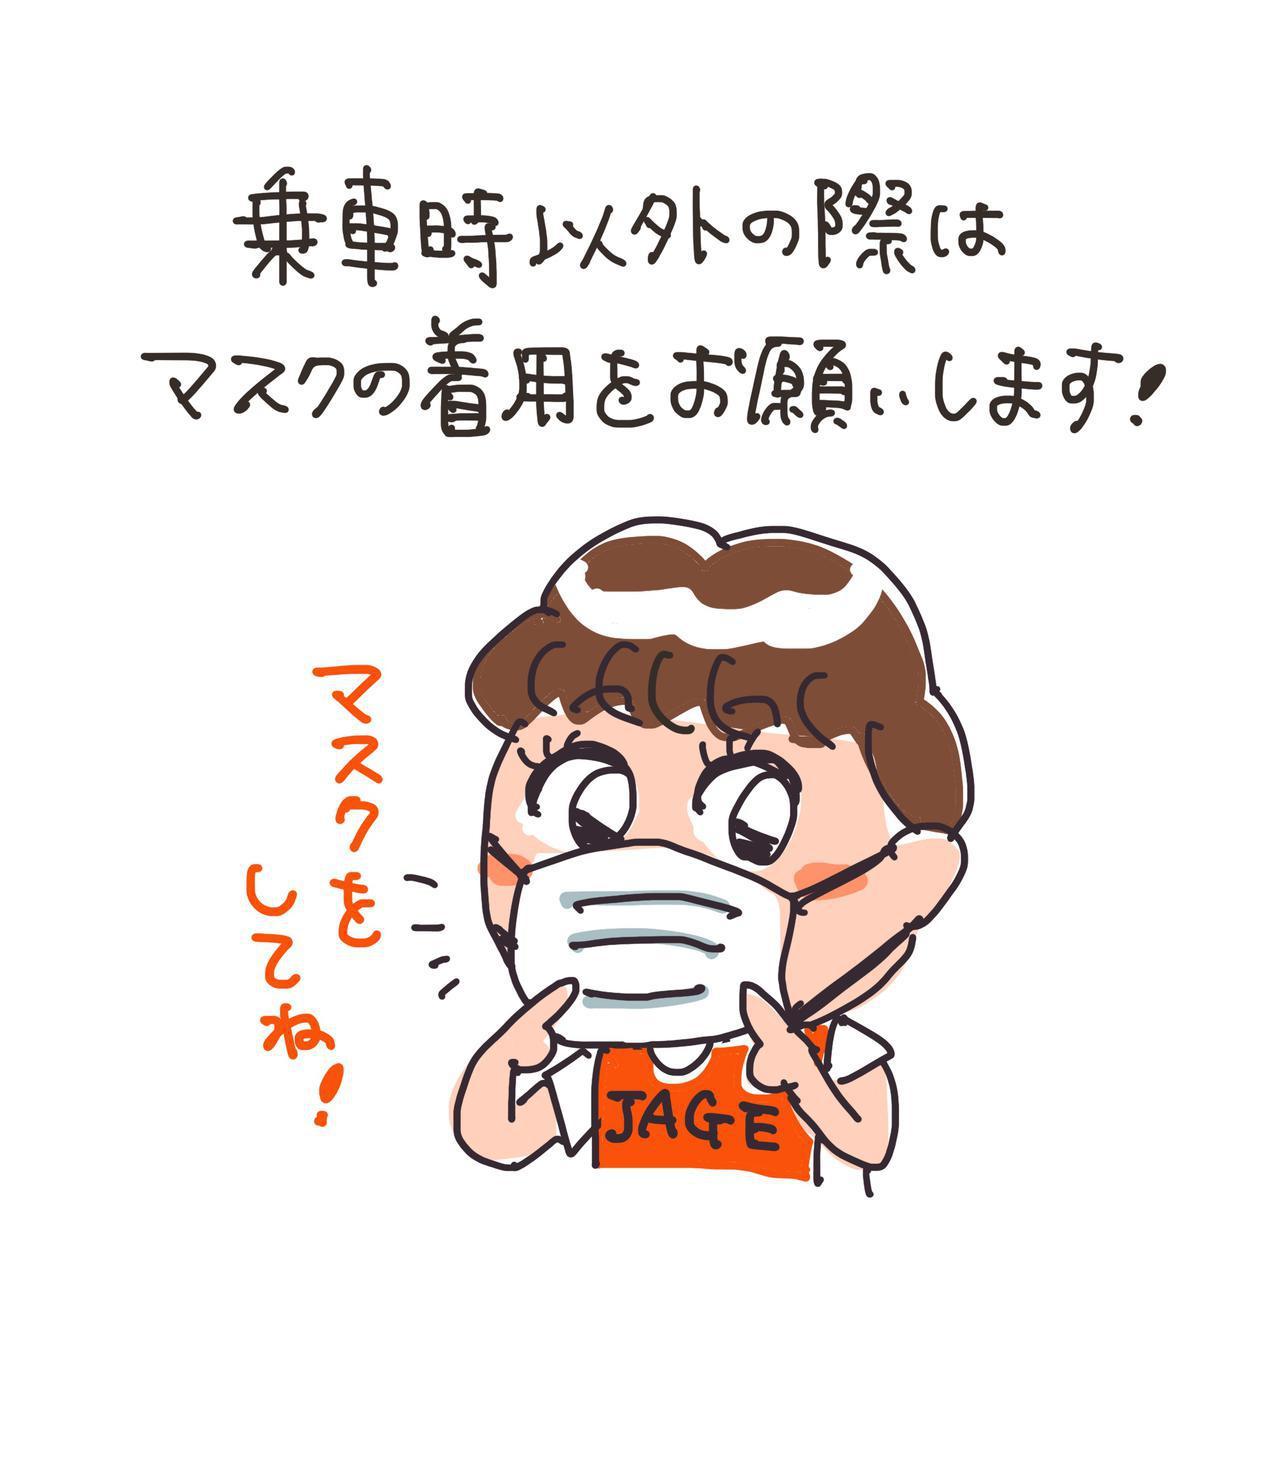 画像: 12月6日(日)のJAGE練習会は初級者優先!